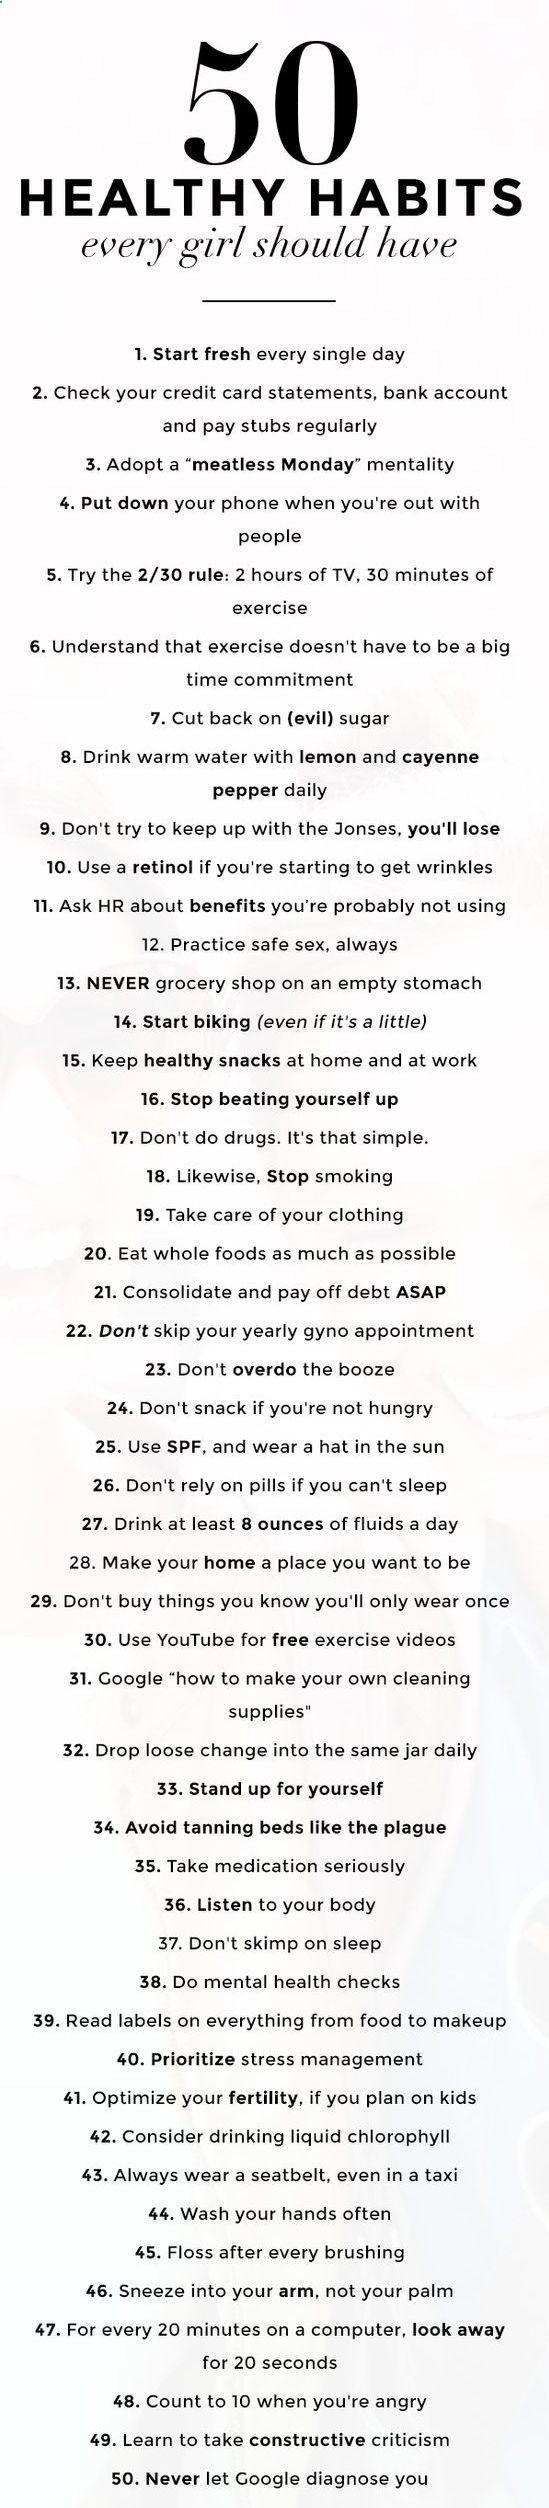 50 healthy habits